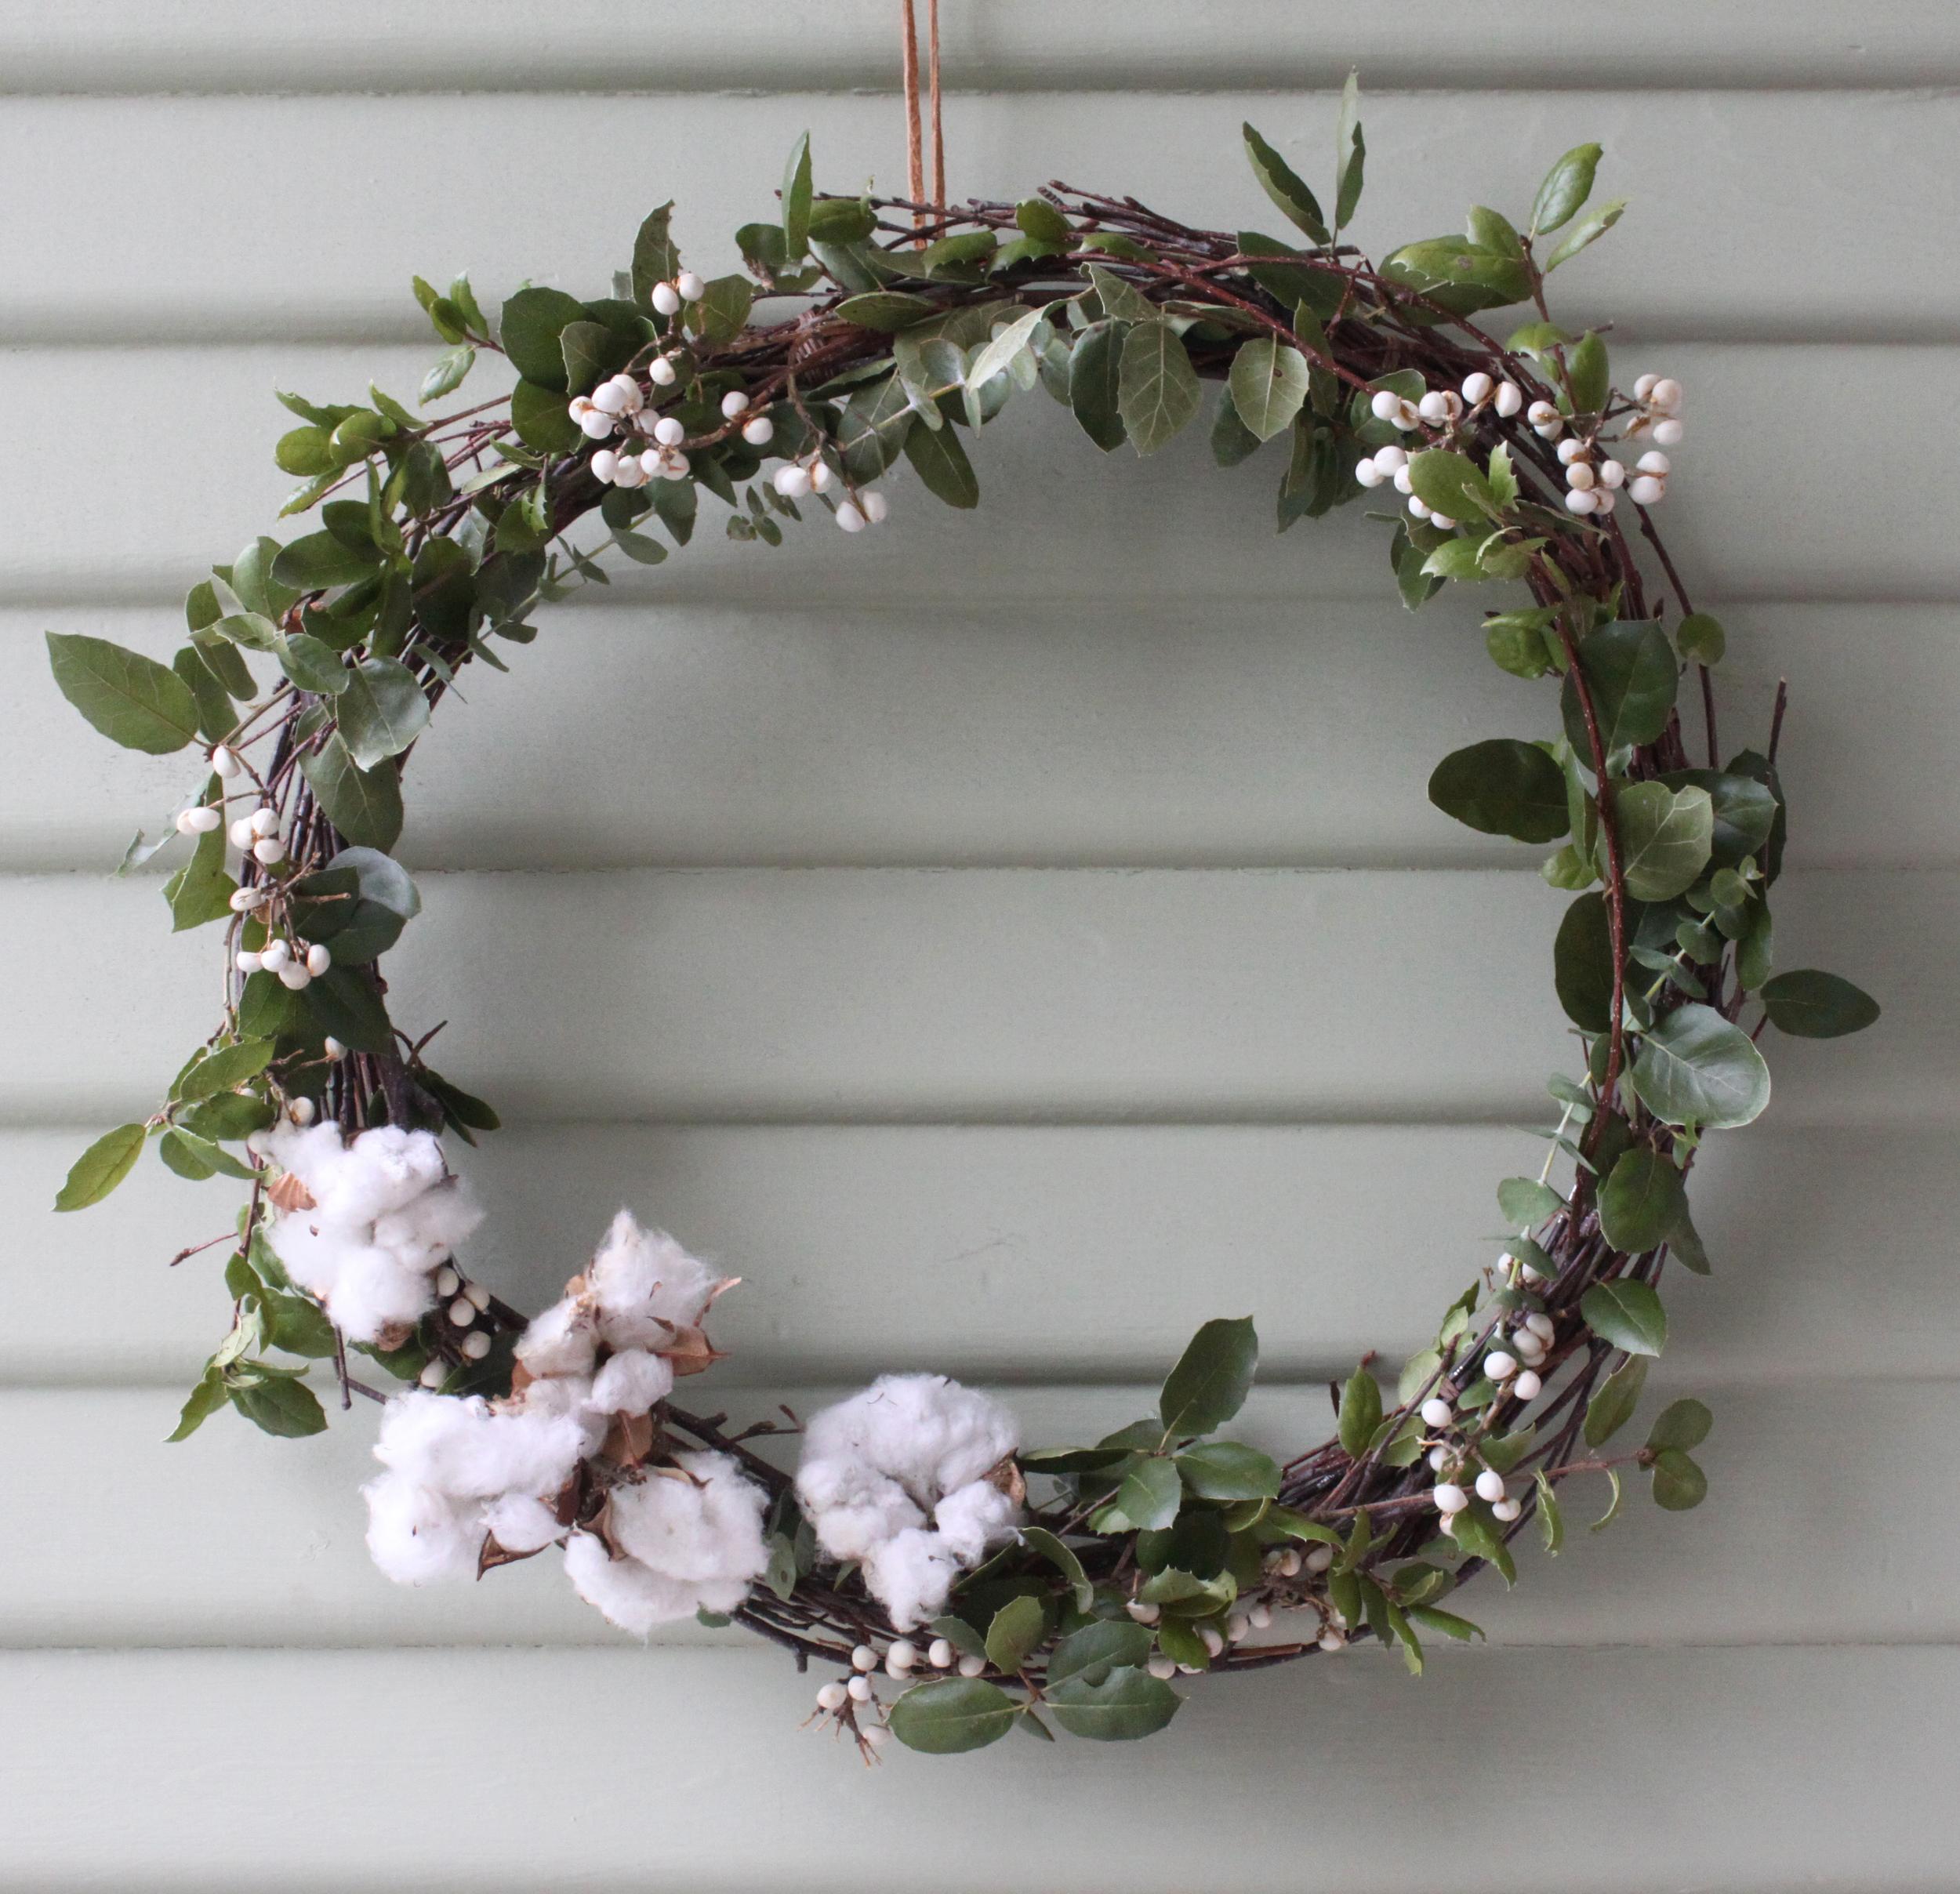 paiko wreath